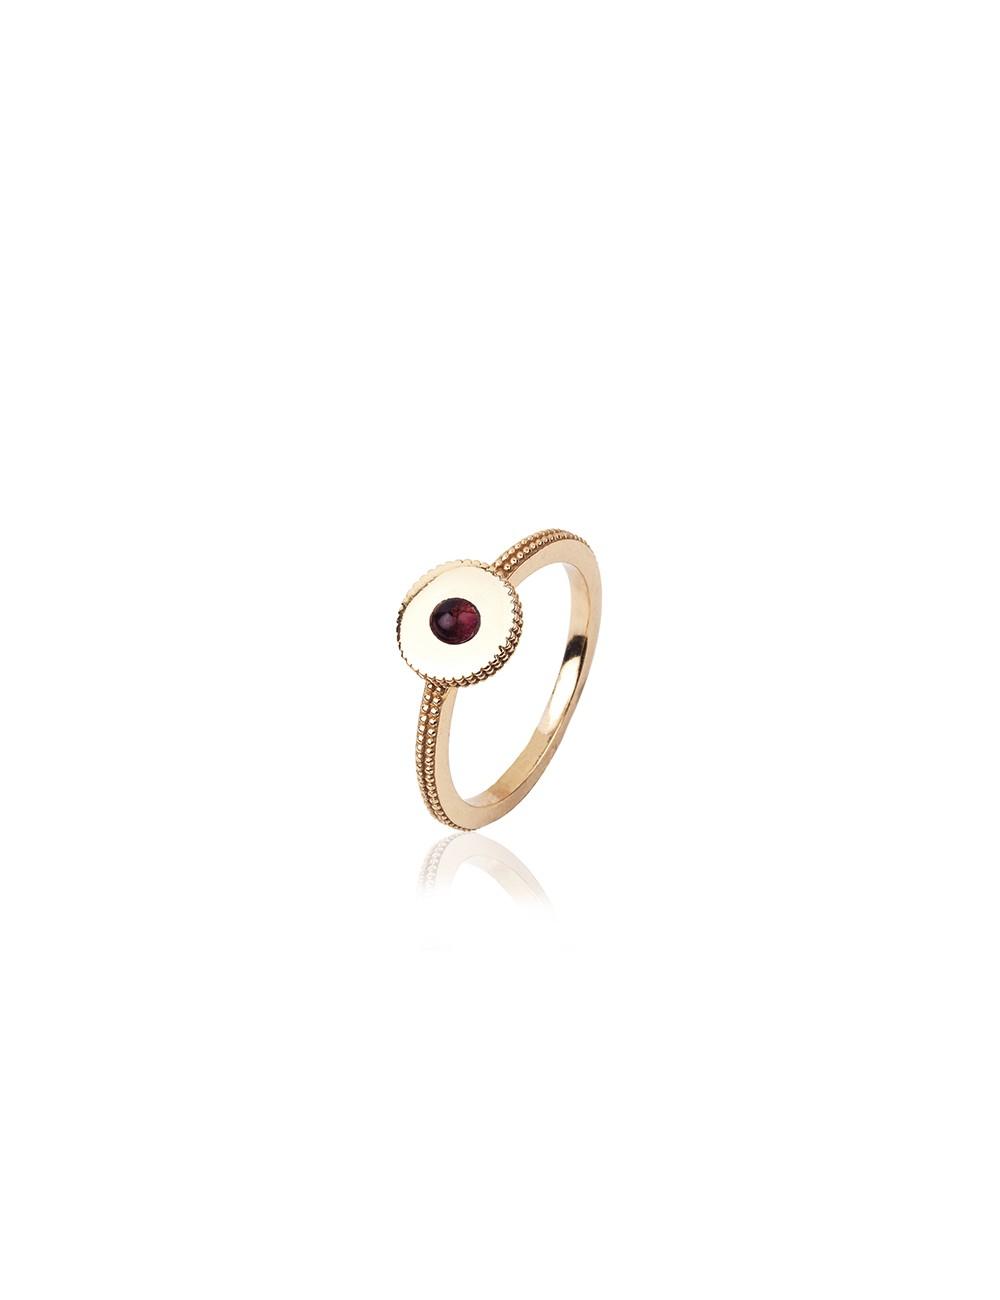 Sunfield -Anillo Sunfield plata baño oro rosa y turmalina -AN062331/2/26